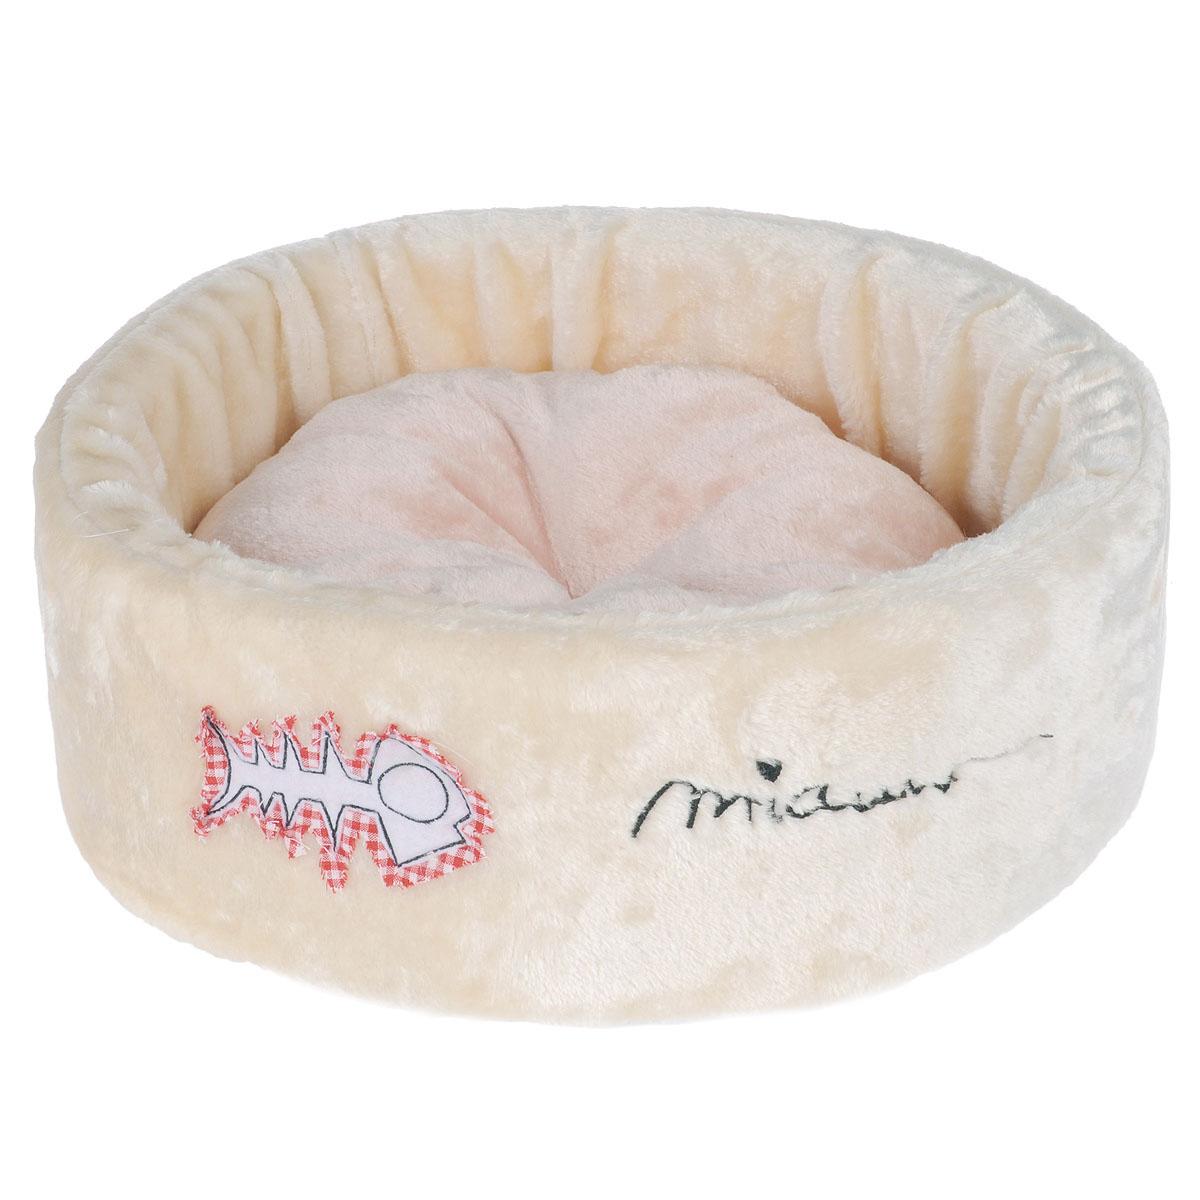 Лежанка для кошек I.P.T.S. Miauw, 40 см х 40 см х 15 см25963, 705256Лежанка I.P.T.S станет излюбленным местом отдыха для вашего питомца, ведь уютное плюшевое спальное место по достоинству оценит даже самый привередливый кот. Лежанка имеет округлую форму и выполнена в приятном бежевом цвете с нашивкой в виде рыбьей косточки. Нейтральный цвет впишется в интерьер, и изделие будет одинаково хорошо смотреться как в гостиной, так и в другой комнате. Размер лежанки: 40х40х15 см. Товар сертифицирован.